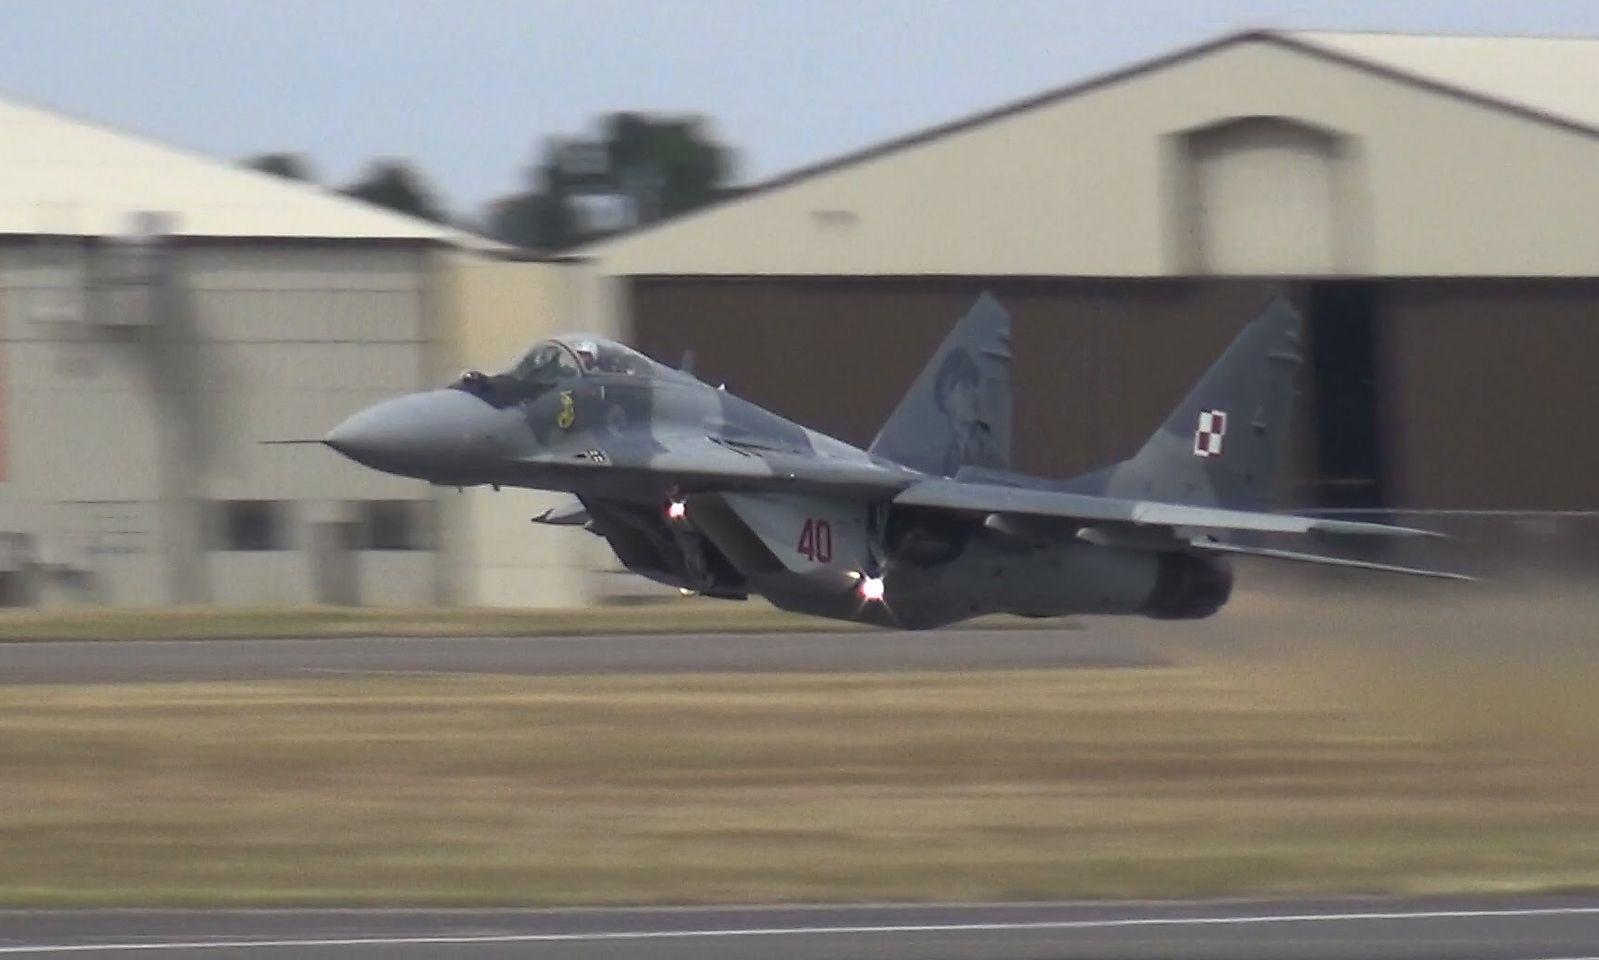 Polnische MiG-29 im doch etwas betontem Tiefflug...